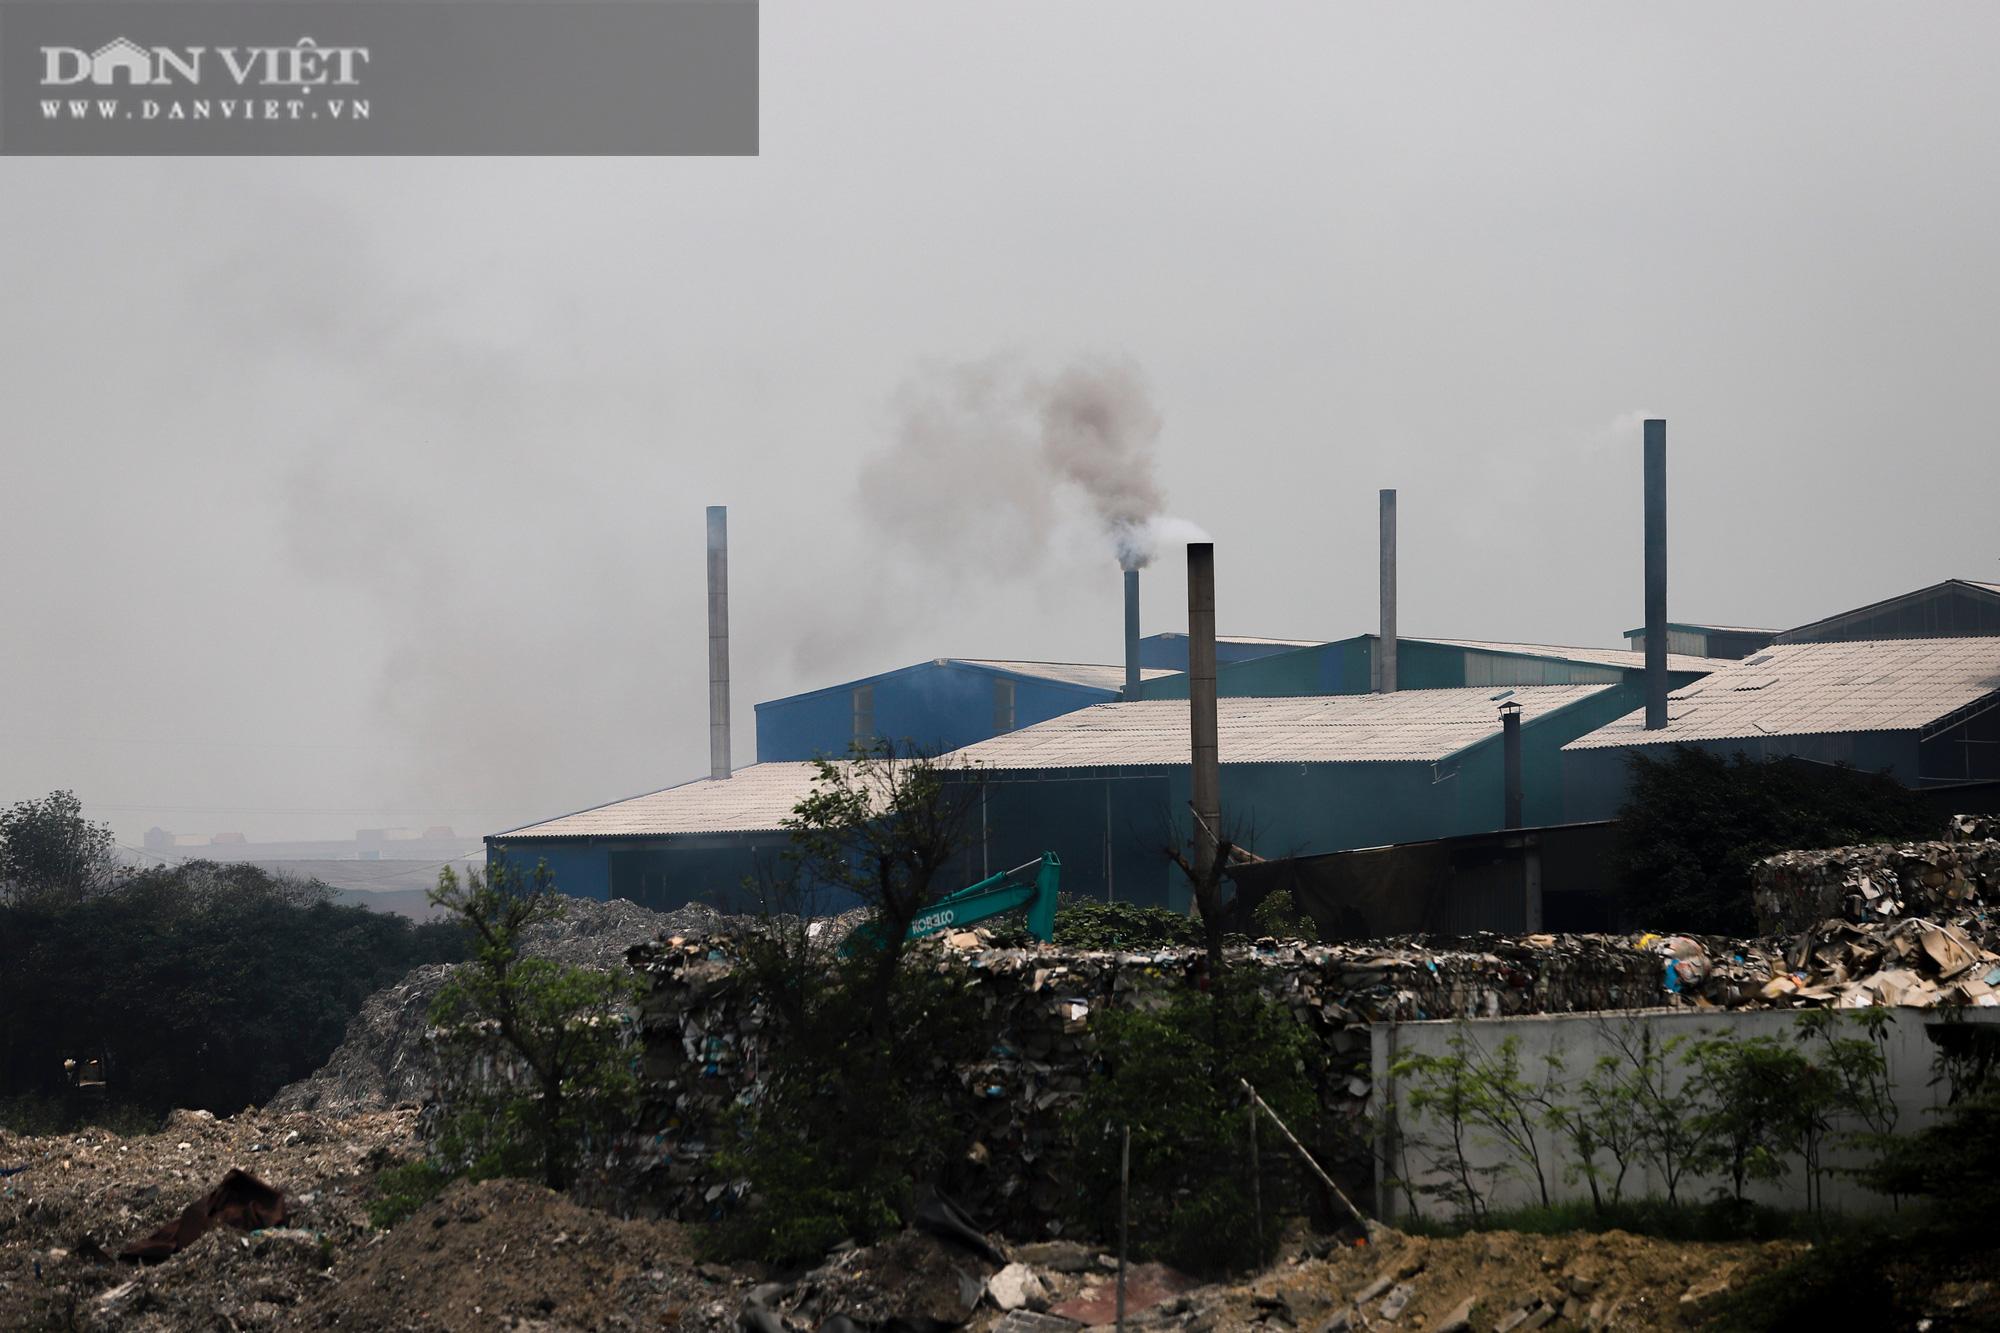 Bắc Ninh: Chi gần 3,9 tỷ đồng điều tra, đánh giá phân loại ô nhiễm môi trường làng nghề, cụm công nghiệp - Ảnh 2.